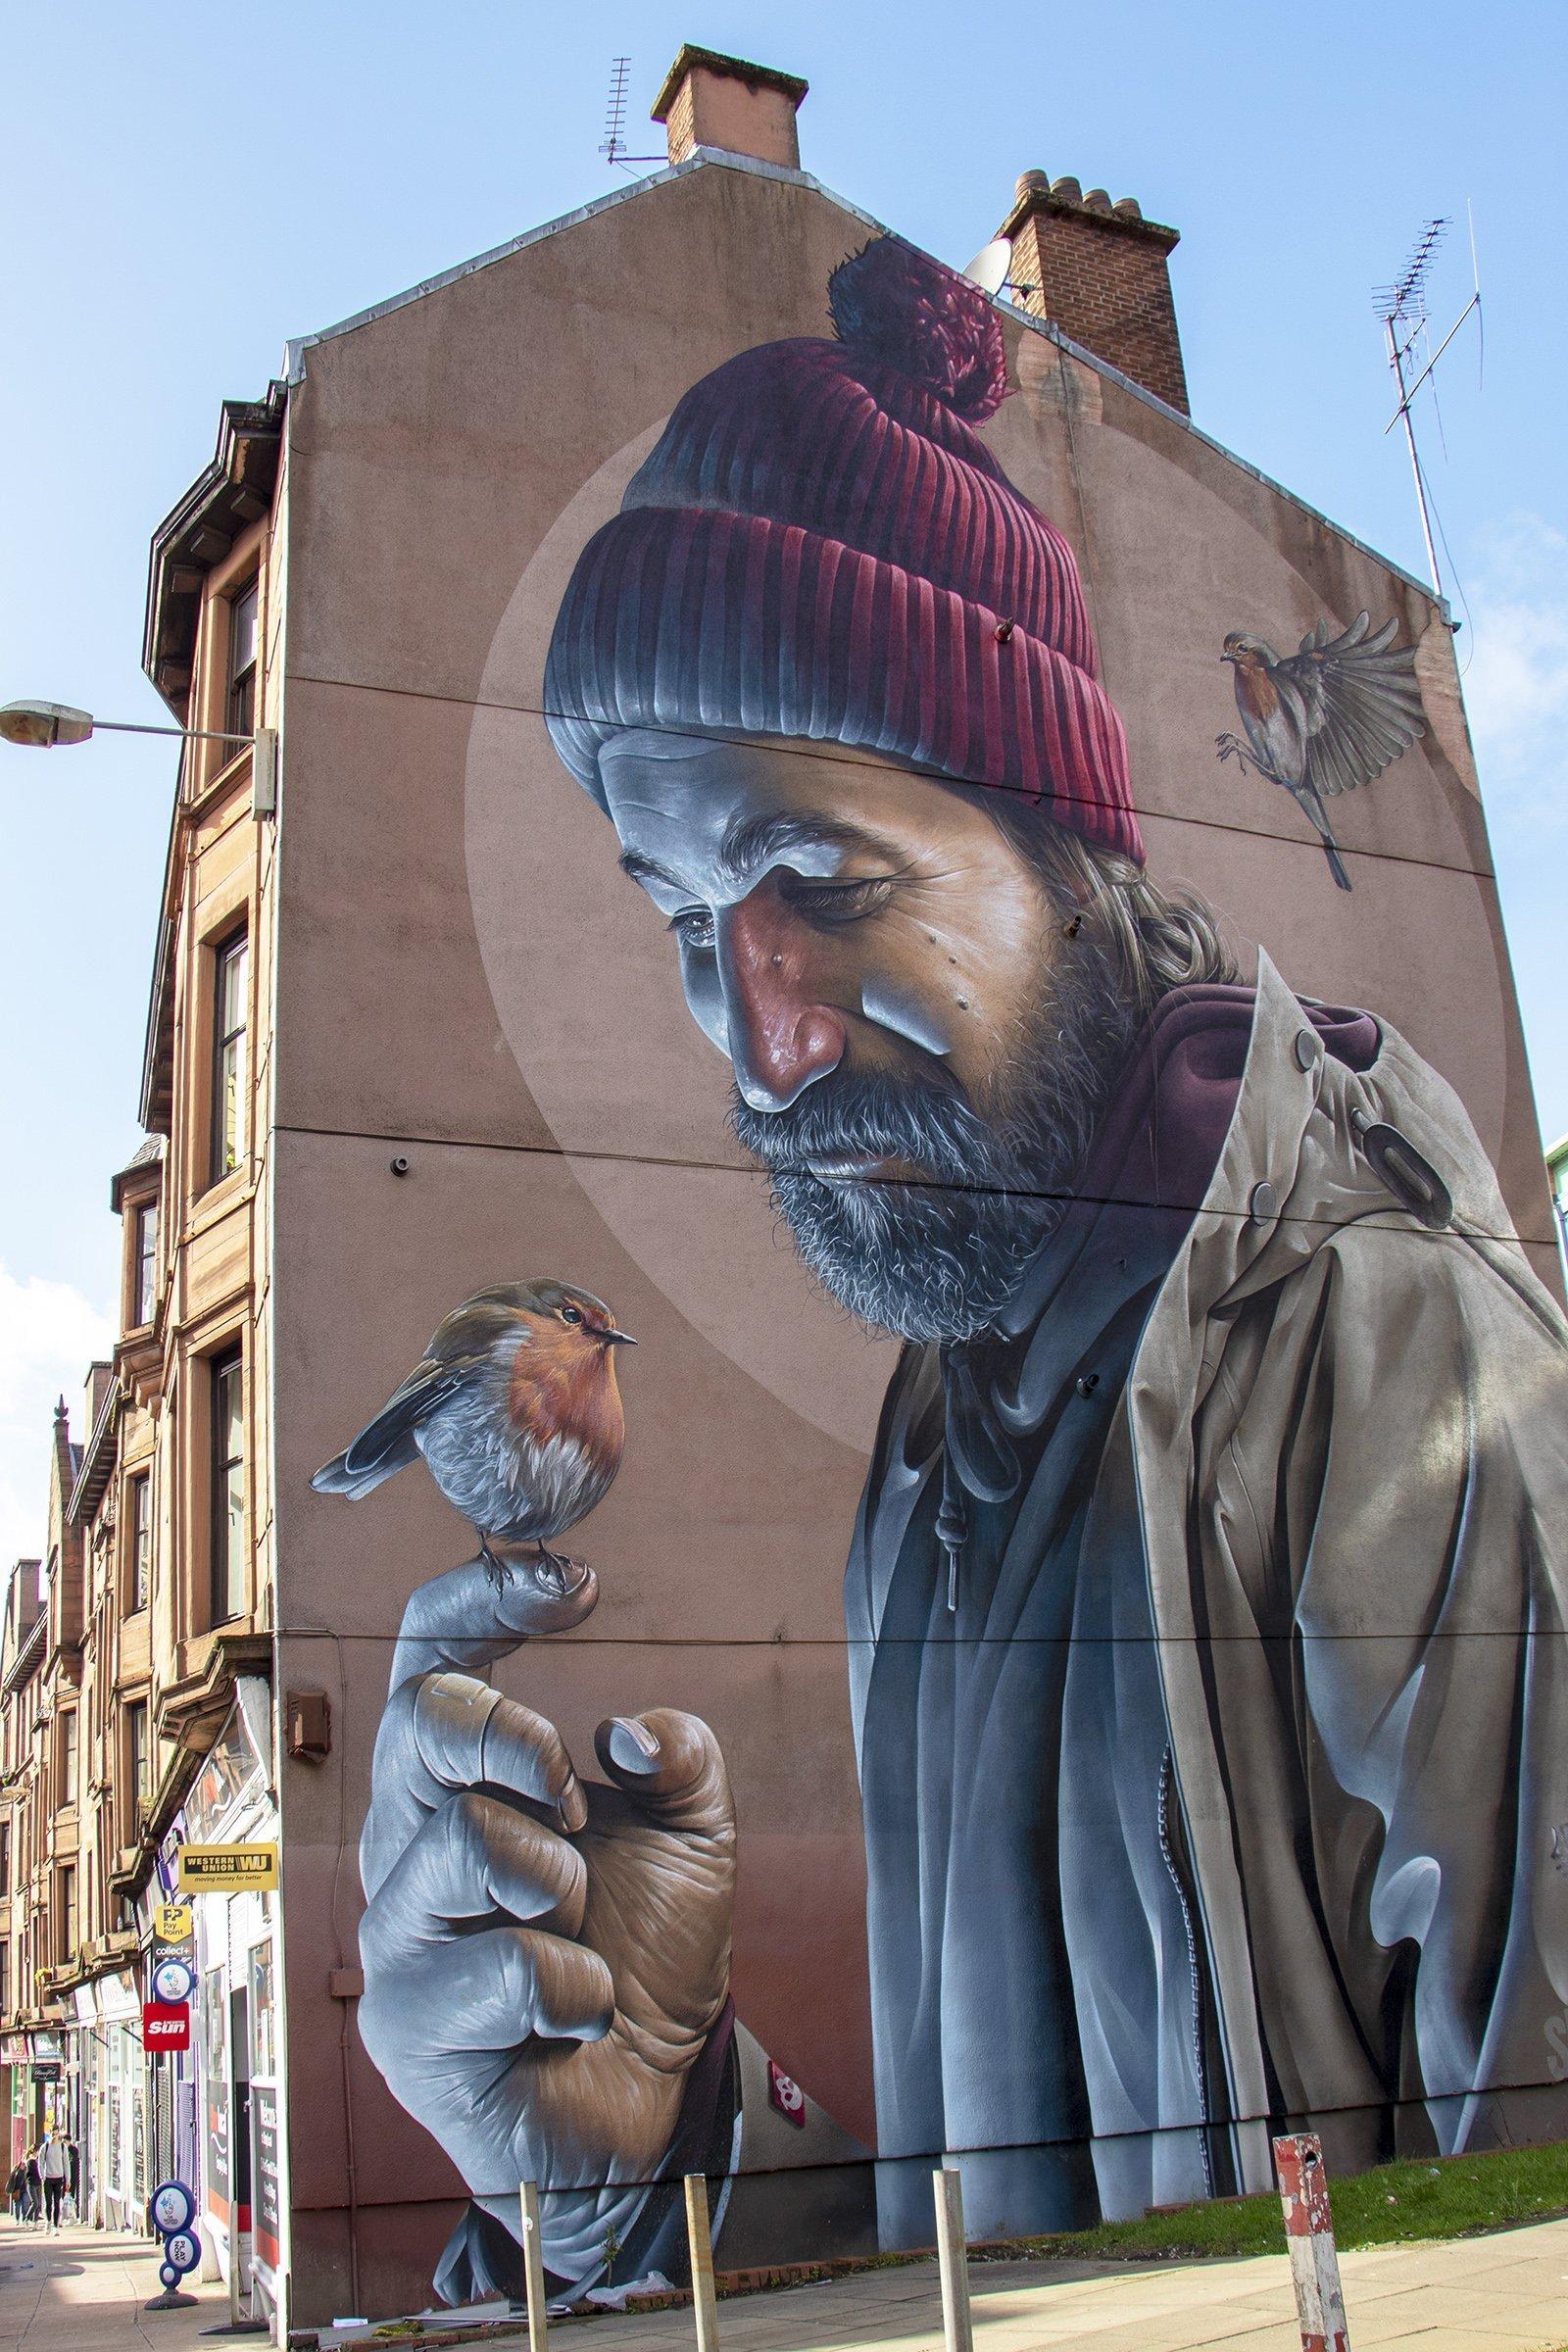 Saint Mungo mural - Glasgow mural trail